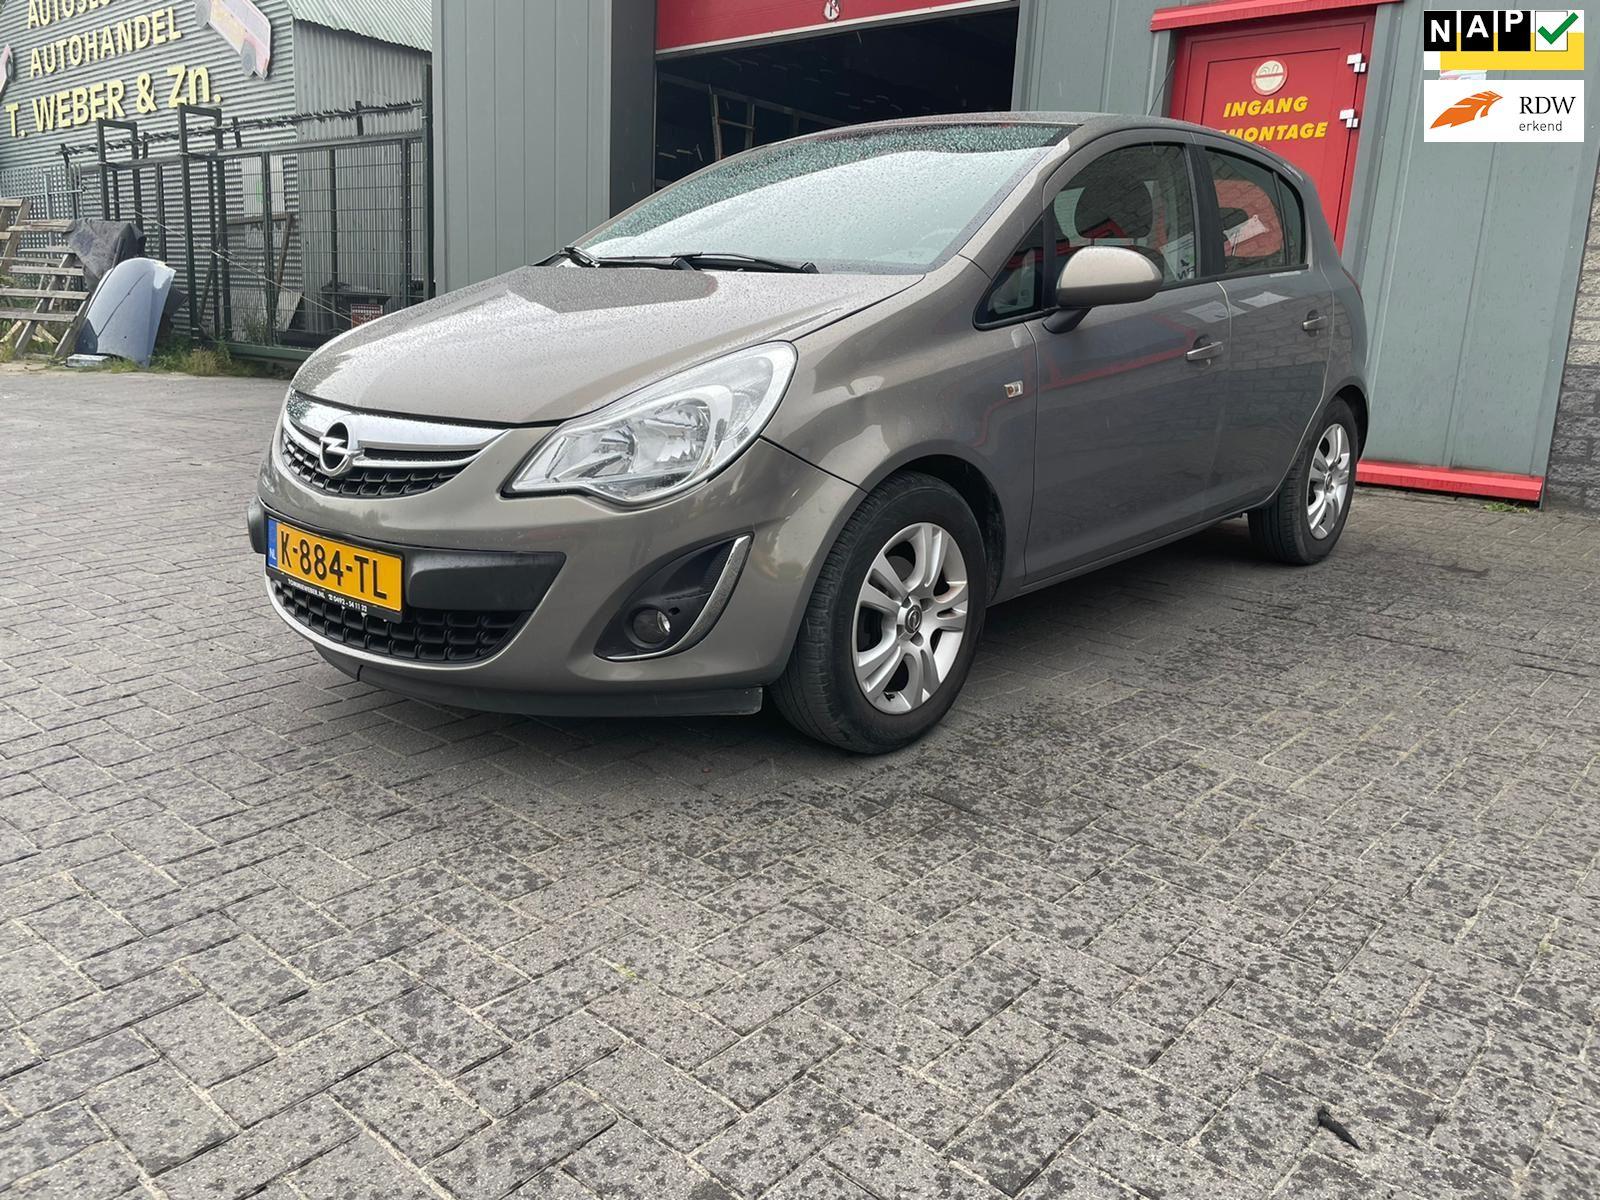 Opel Corsa occasion - Autobedrijf Tommie Weber & zn.